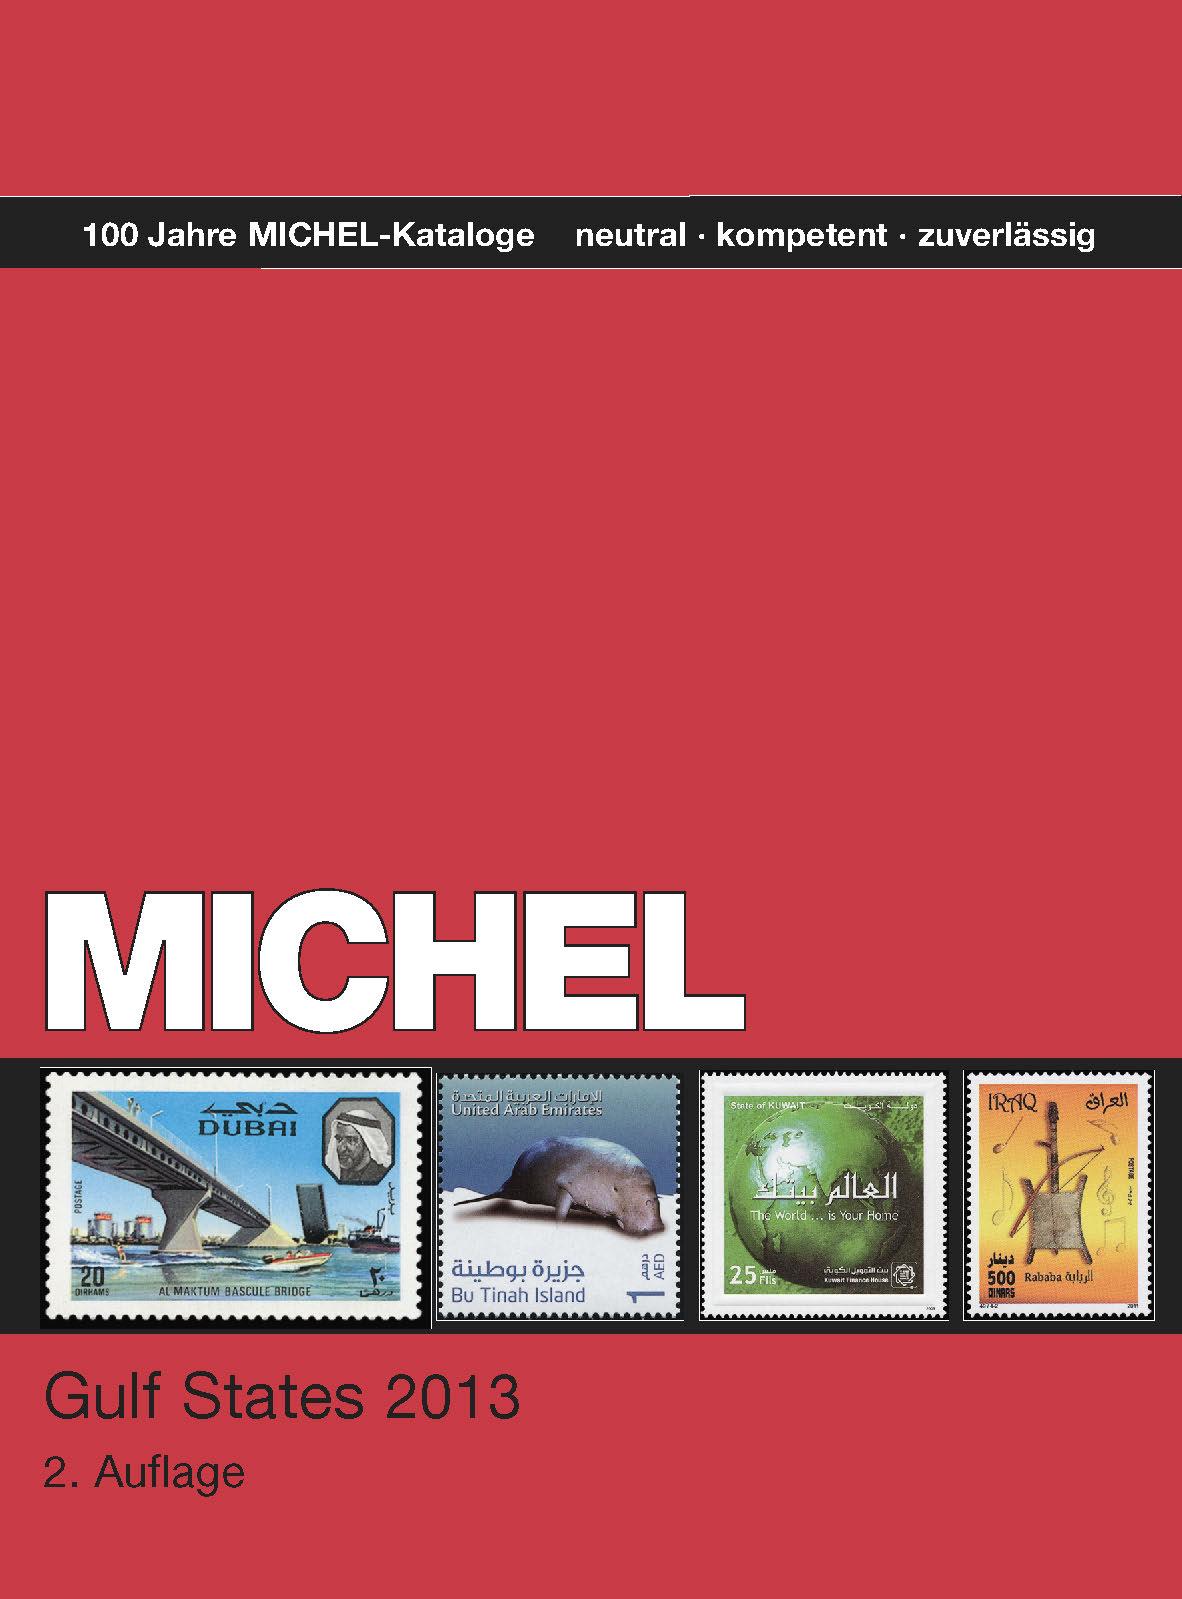 MICHEL Gulf States 2013 2. Auflage  CD-ROM + gratis Leuchtlupe 5